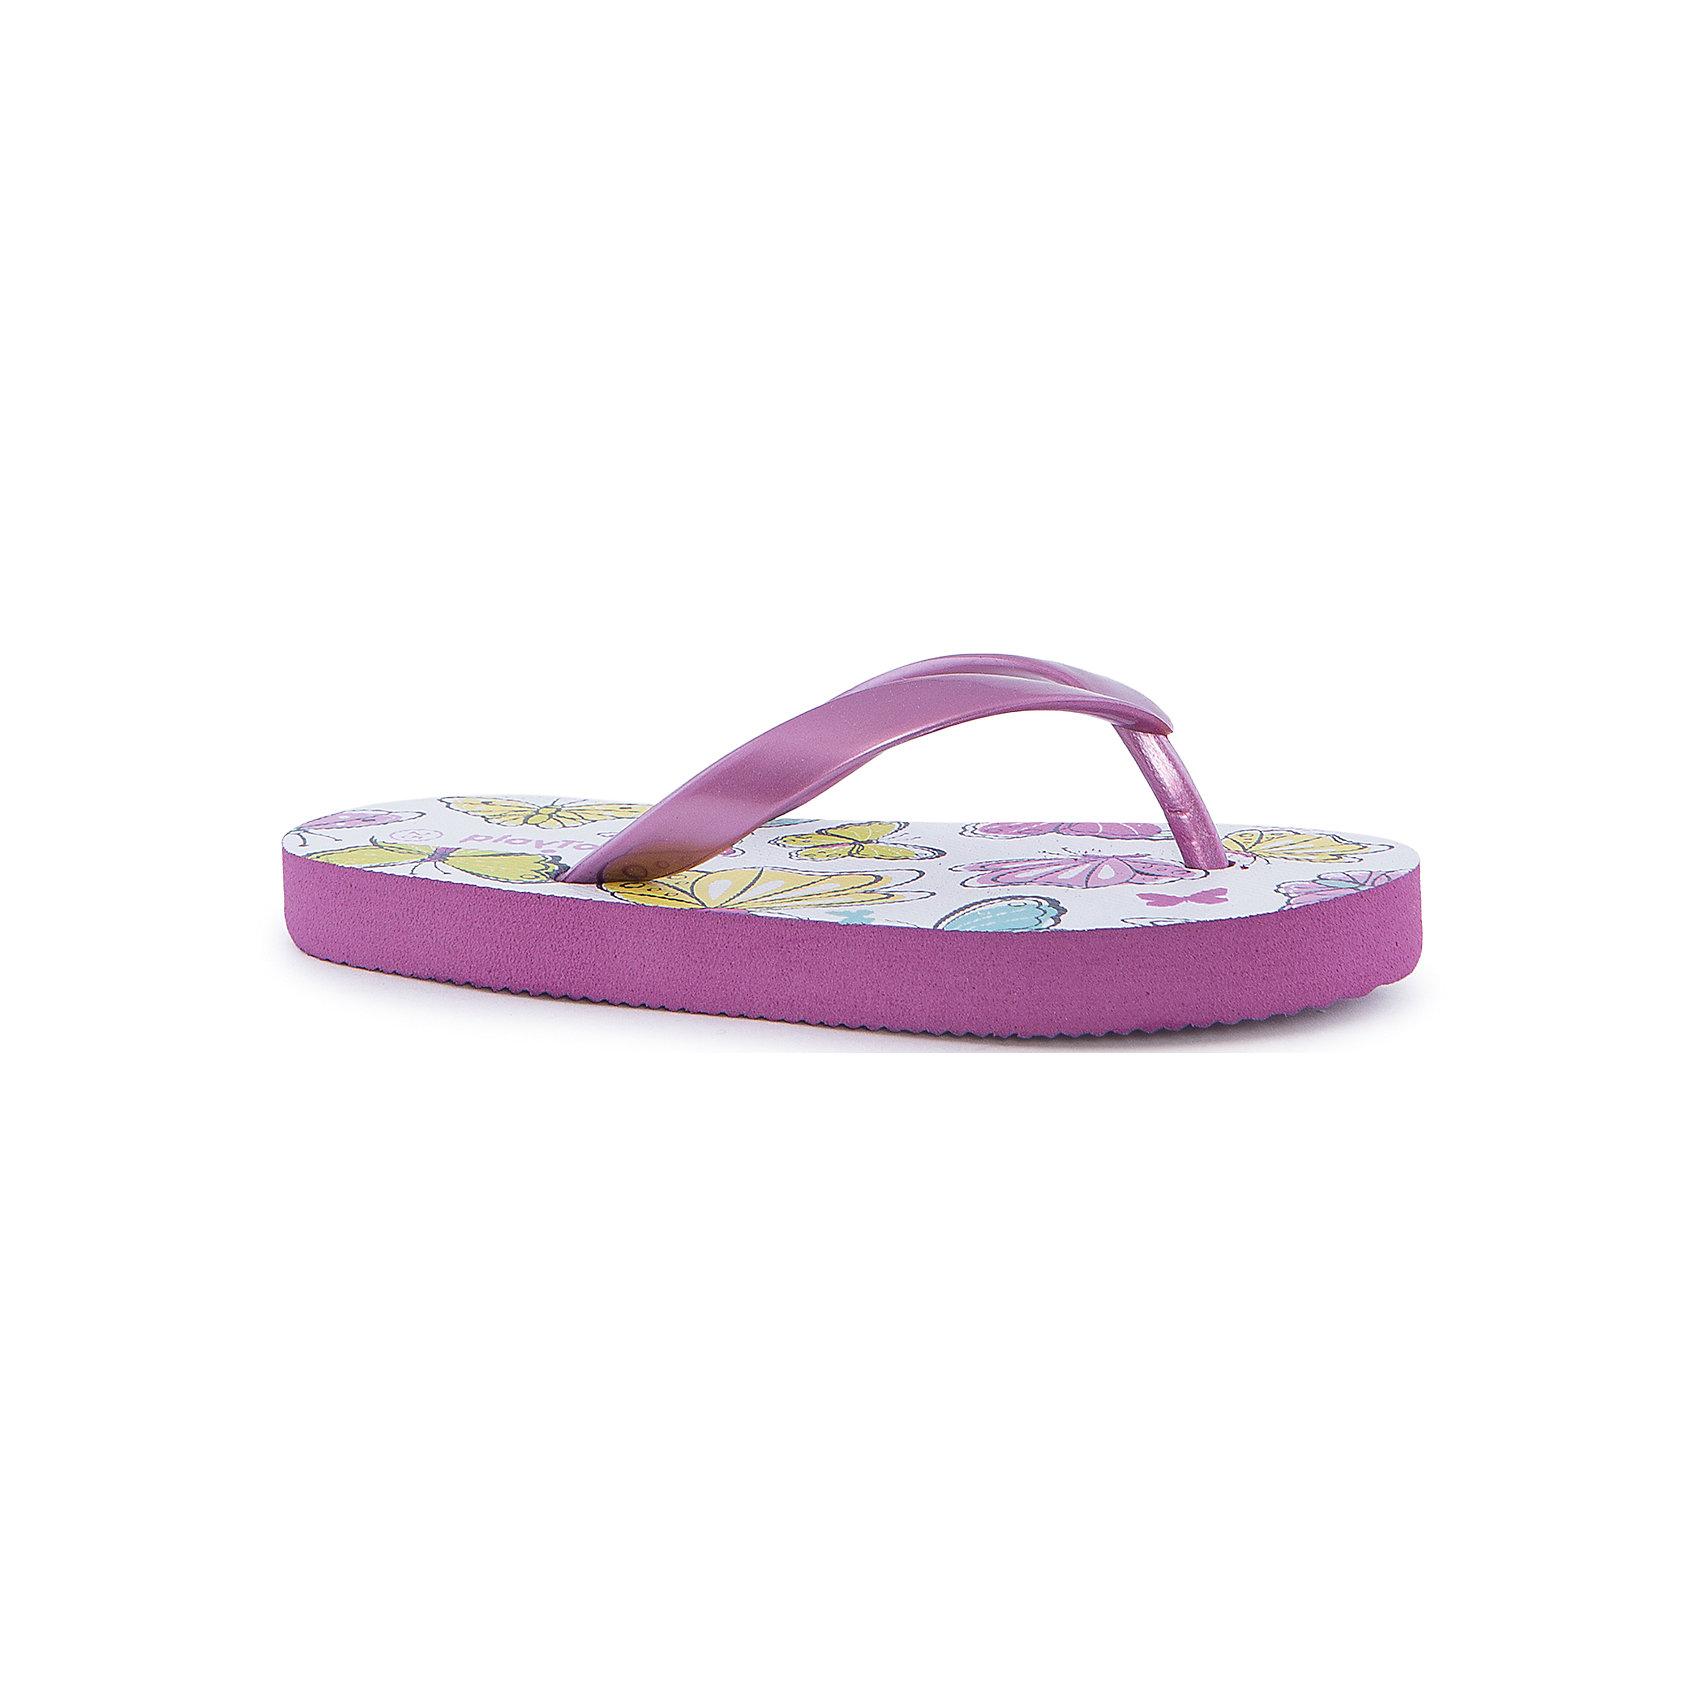 Шлепанцы для девочки PlayTodayПляжная обувь<br>Пантолеты для девочки PlayToday <br><br>Состав: 100% поливинилхлорид <br><br>Украшены бабочками<br>Резинка сверху перламутрово-розовая<br>Подошва мягкая, с рифлением<br><br>Ширина мм: 225<br>Глубина мм: 139<br>Высота мм: 112<br>Вес г: 290<br>Цвет: фиолетовый<br>Возраст от месяцев: 24<br>Возраст до месяцев: 36<br>Пол: Женский<br>Возраст: Детский<br>Размер: 26,25,28,31,30,29,27<br>SKU: 4507915